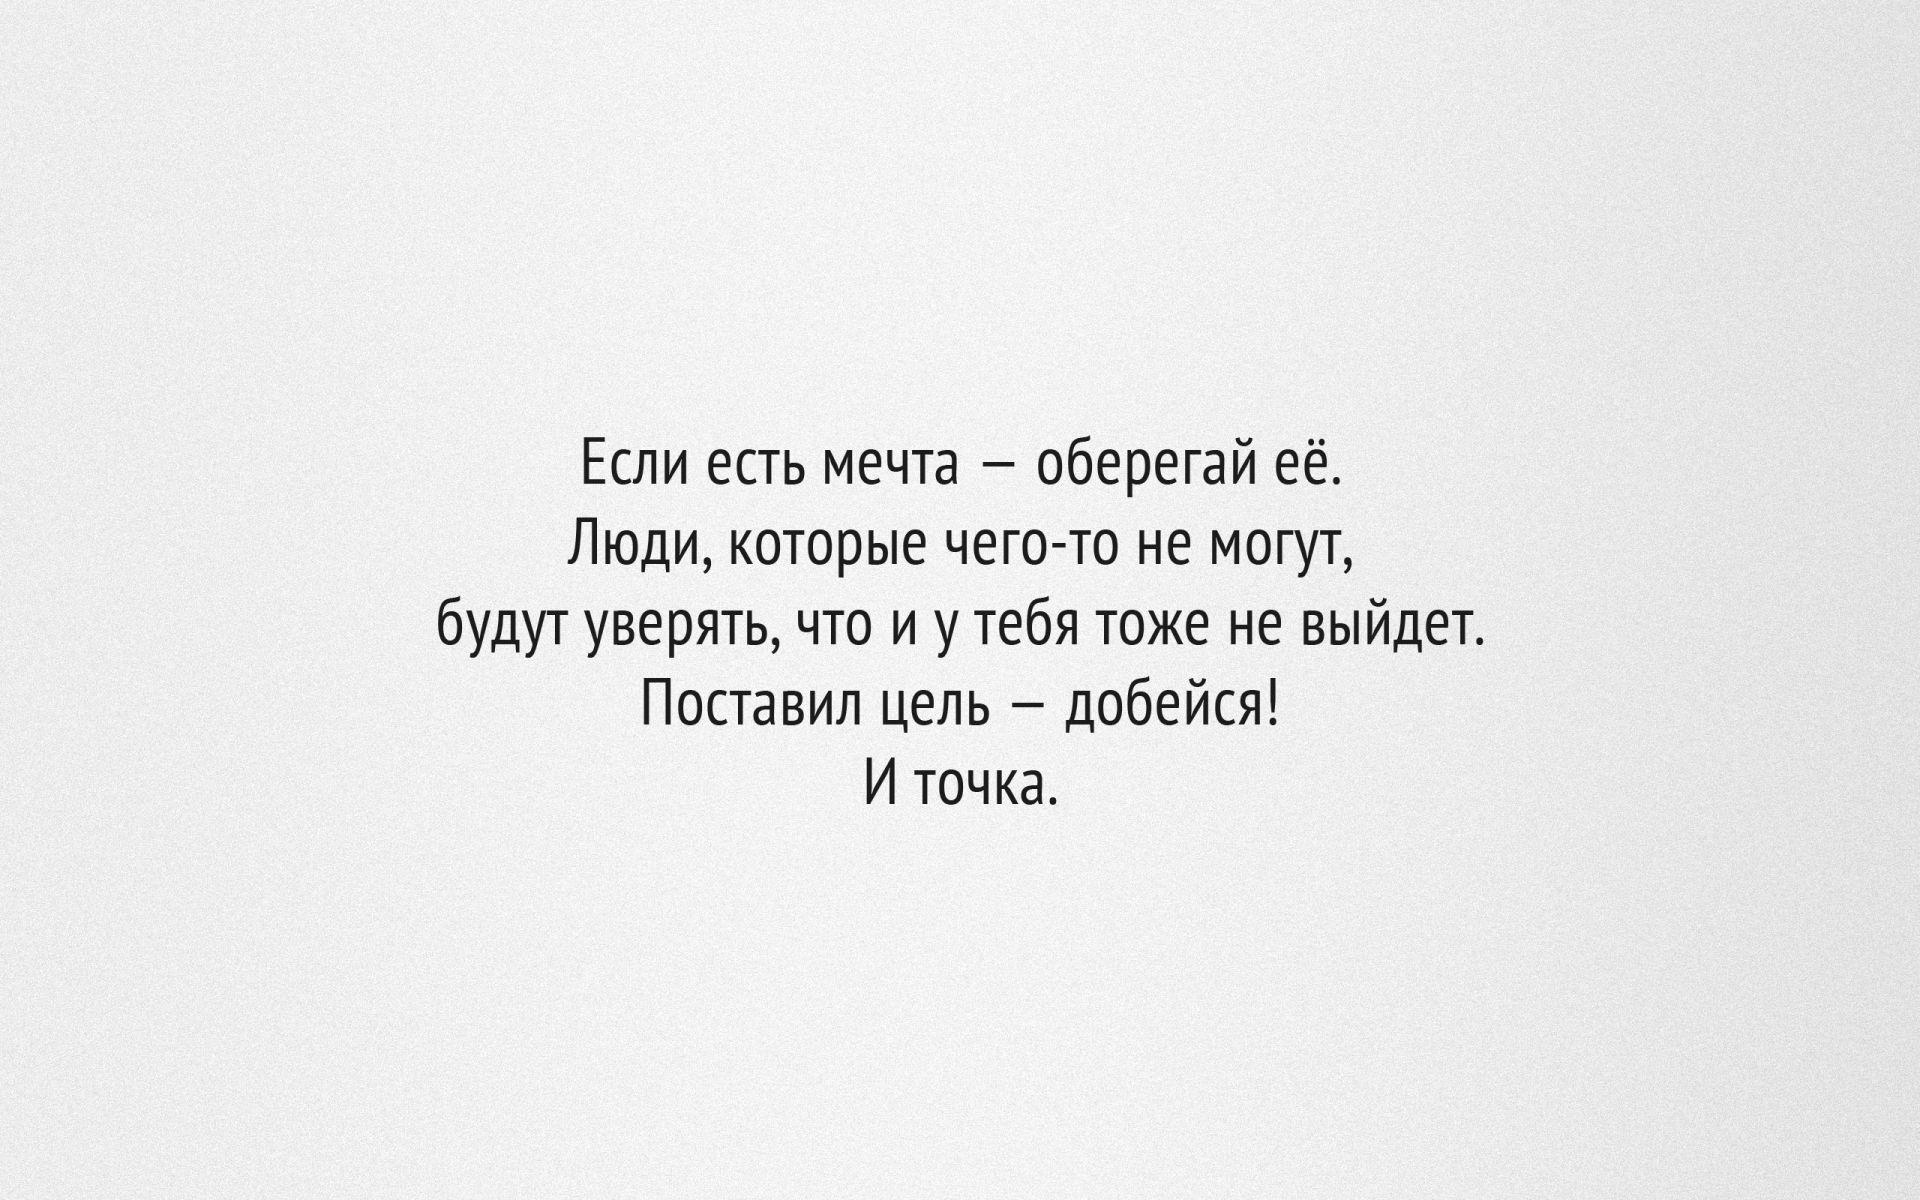 зайцев есть: